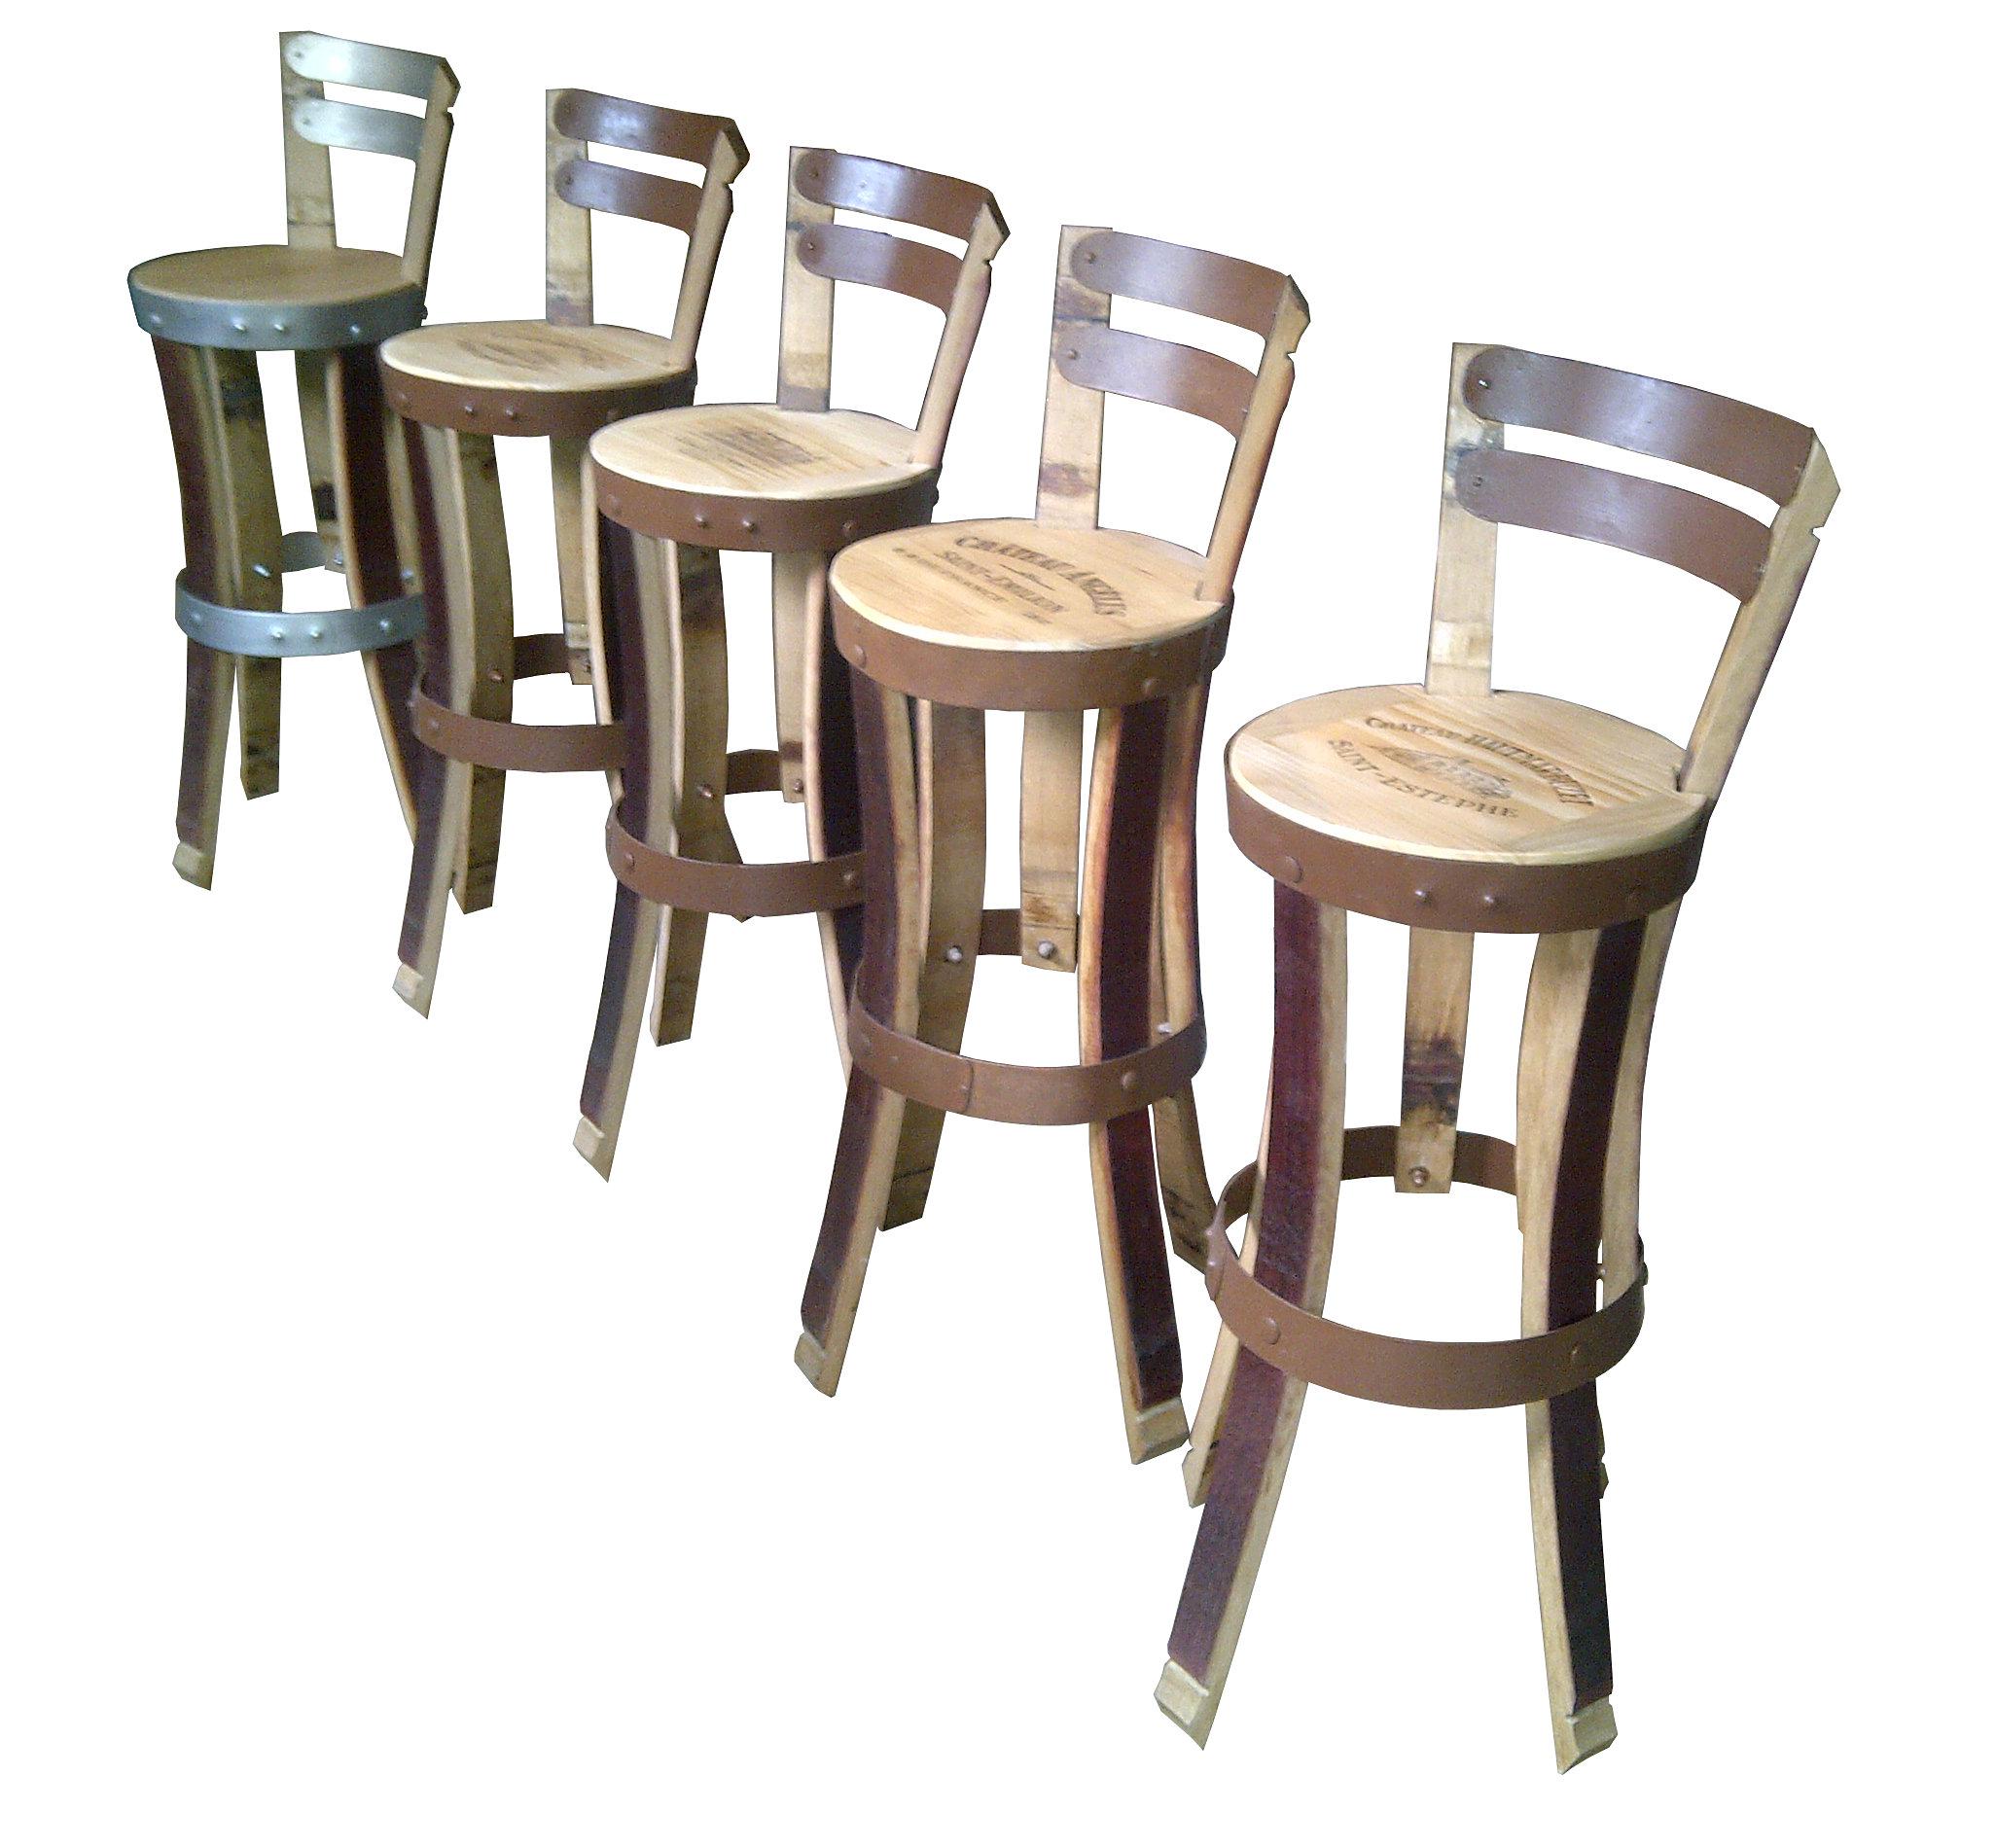 Accessoire chaise haute for Acheter chaise haute bebe